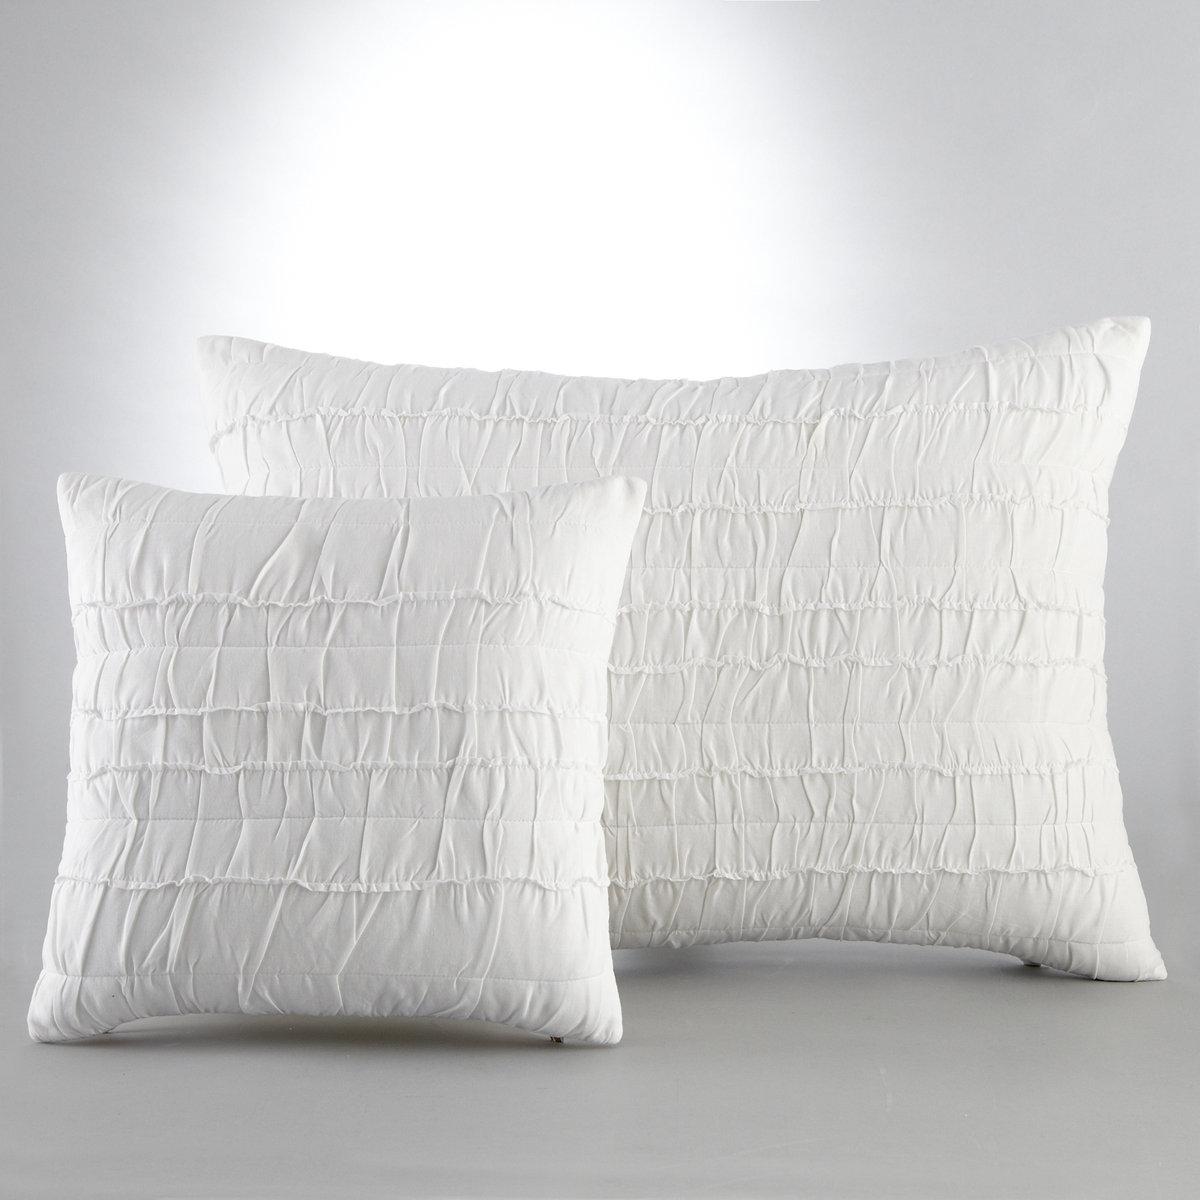 Чехол для подушки МеннаХарактеристики:100 % хлопка (200 г/м?), 1 сторона с плиссировкой, 1 гладкая однотонная сторона, 100% хлопка. Застежка на скрытую молнию. Стирка при 40°<br><br>Цвет: белый,серый,сине-серый